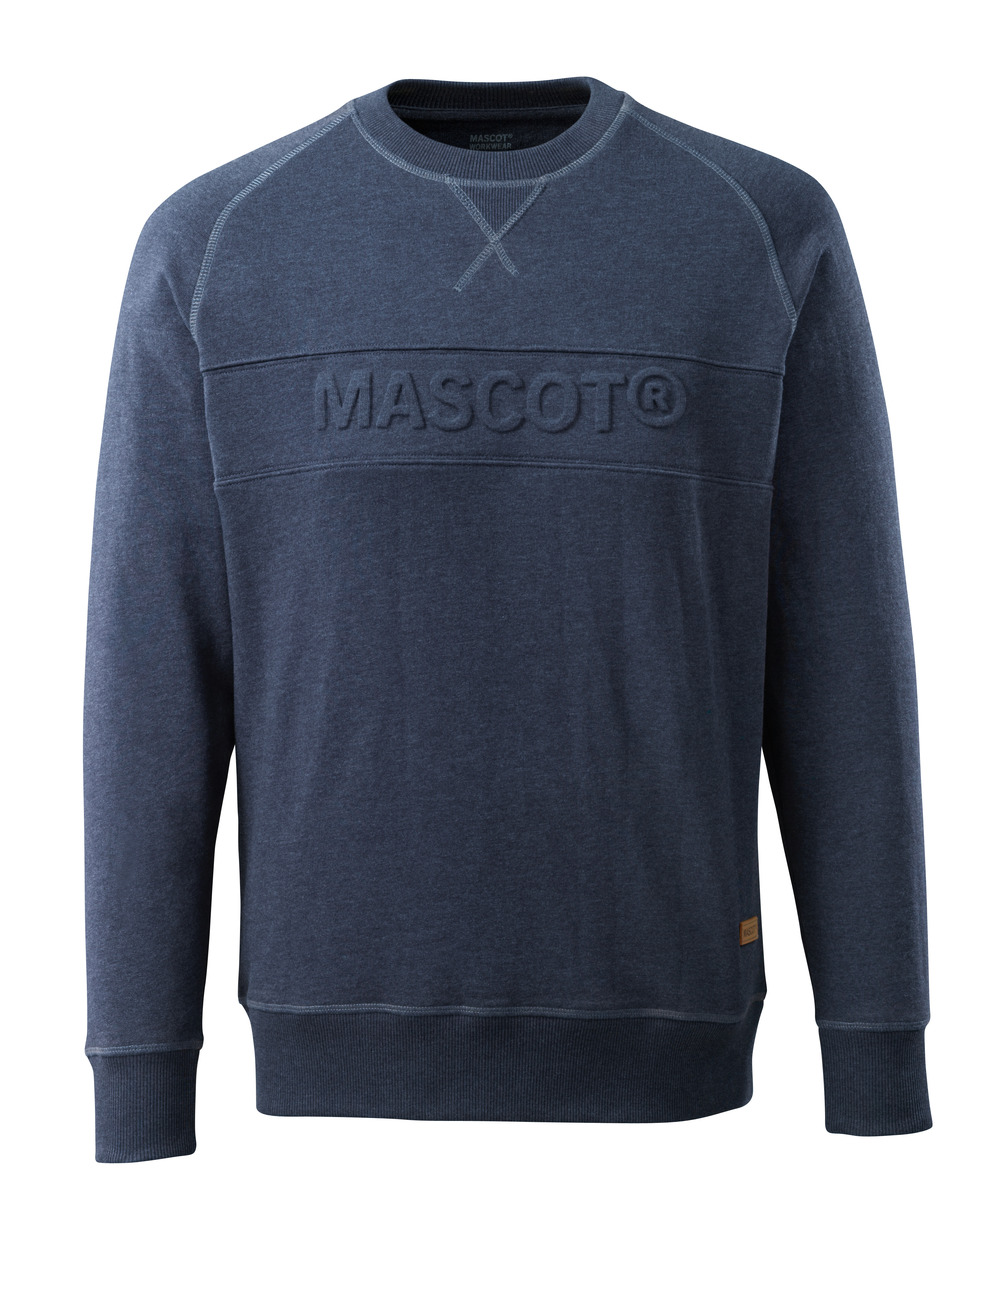 17184-830-66 Sweatshirt - Gewaschener dunkler Denim